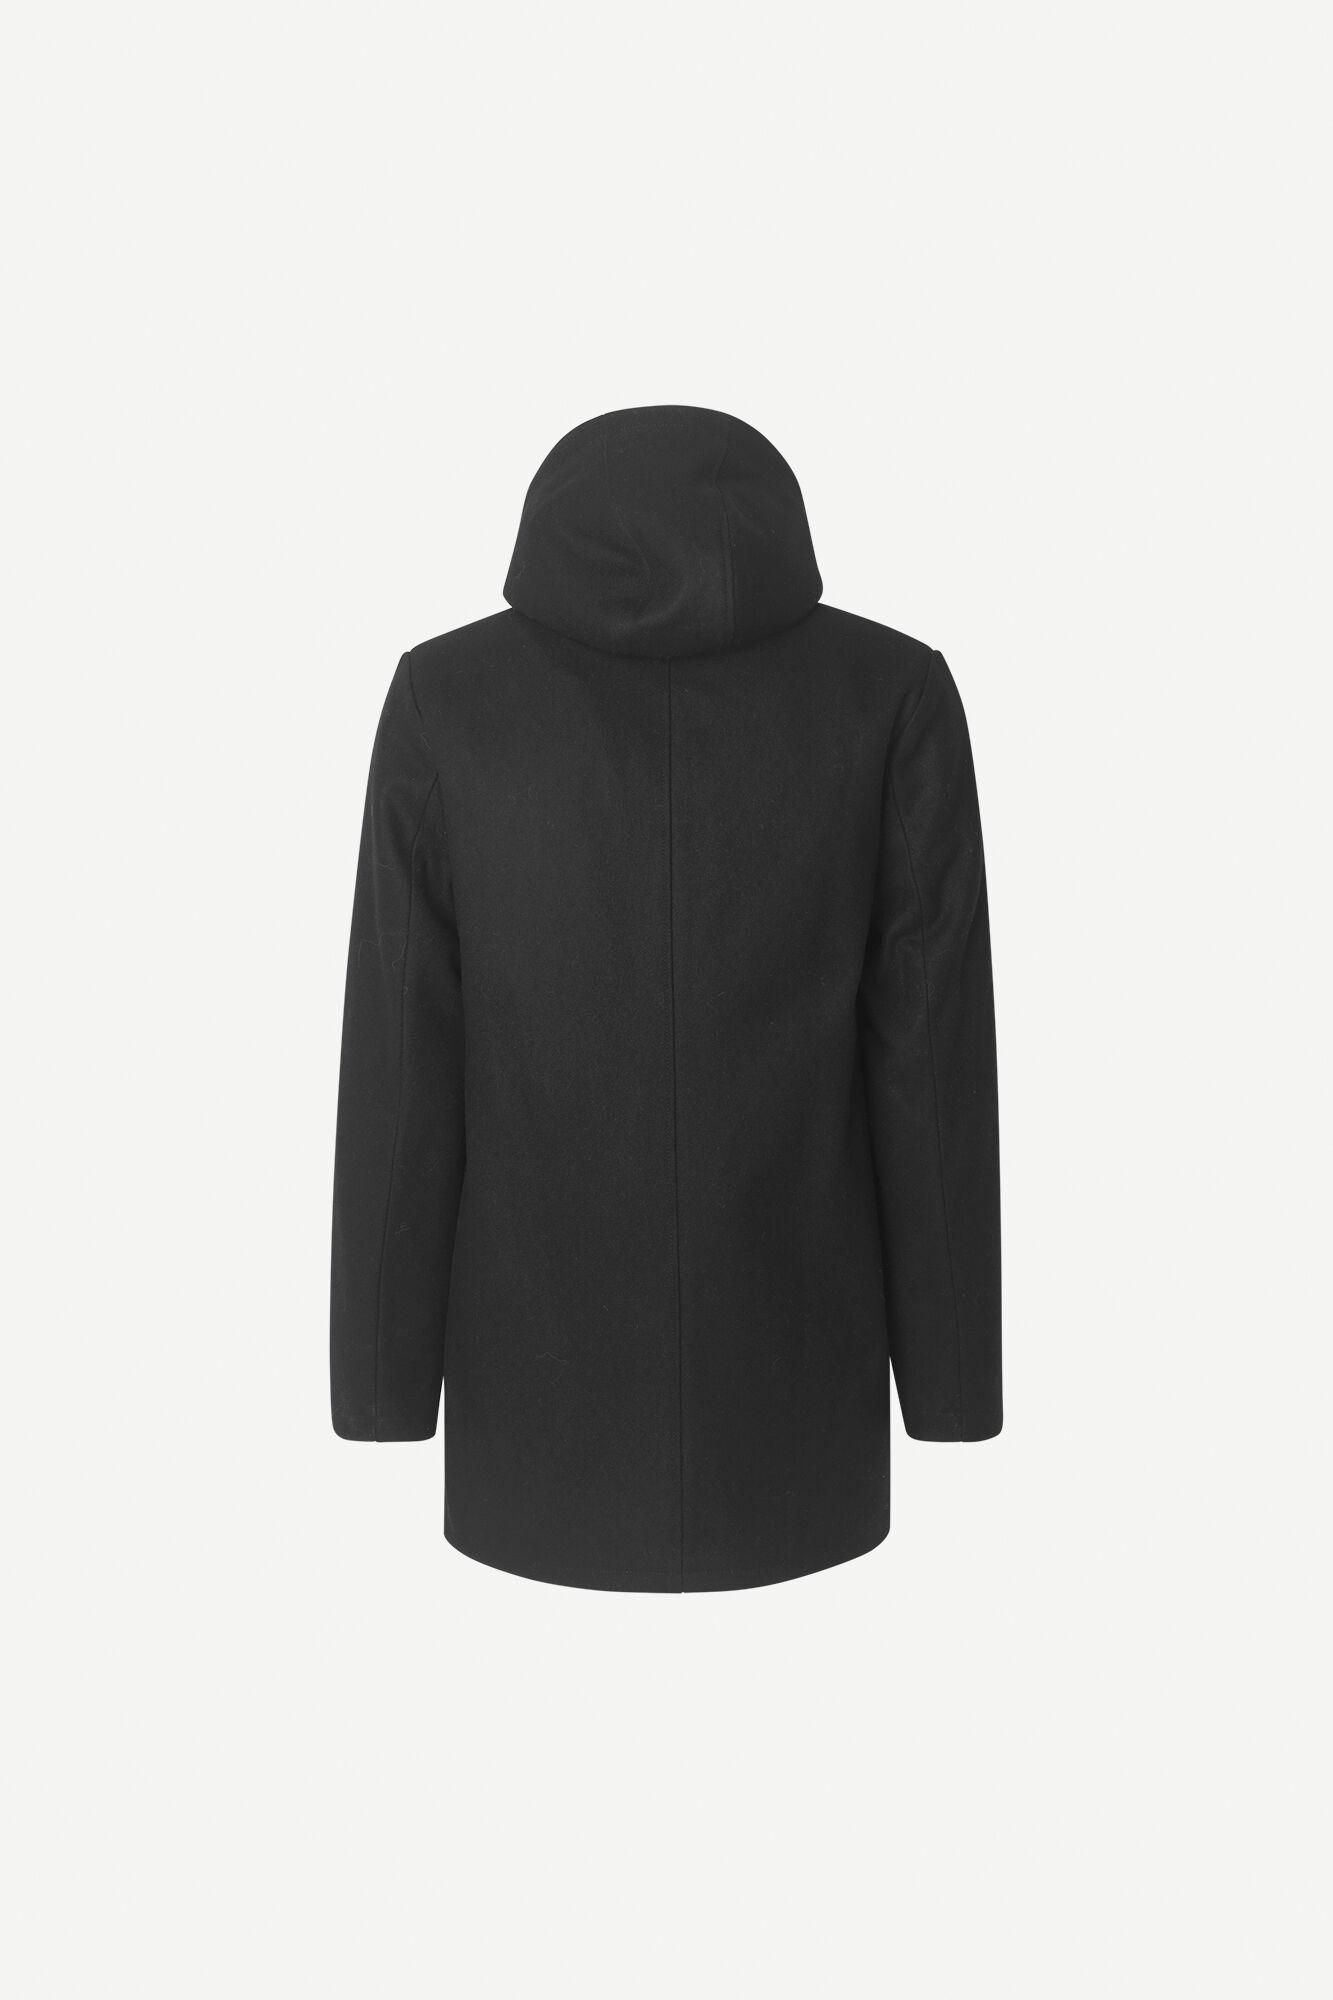 Snyder coat